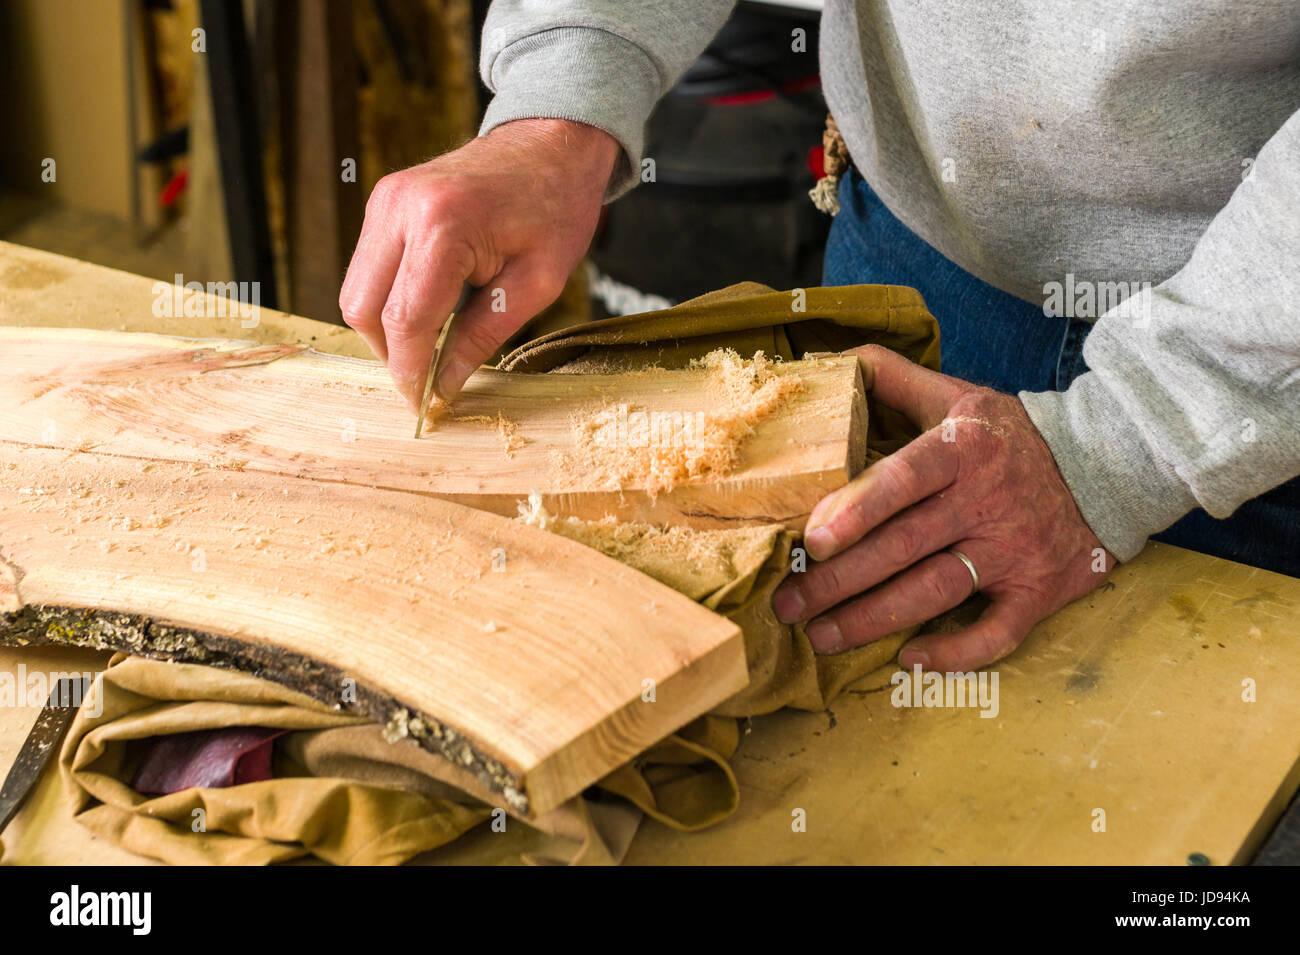 Menuisier le lissage du bois avec du verre dans l'atelier Banque D'Images